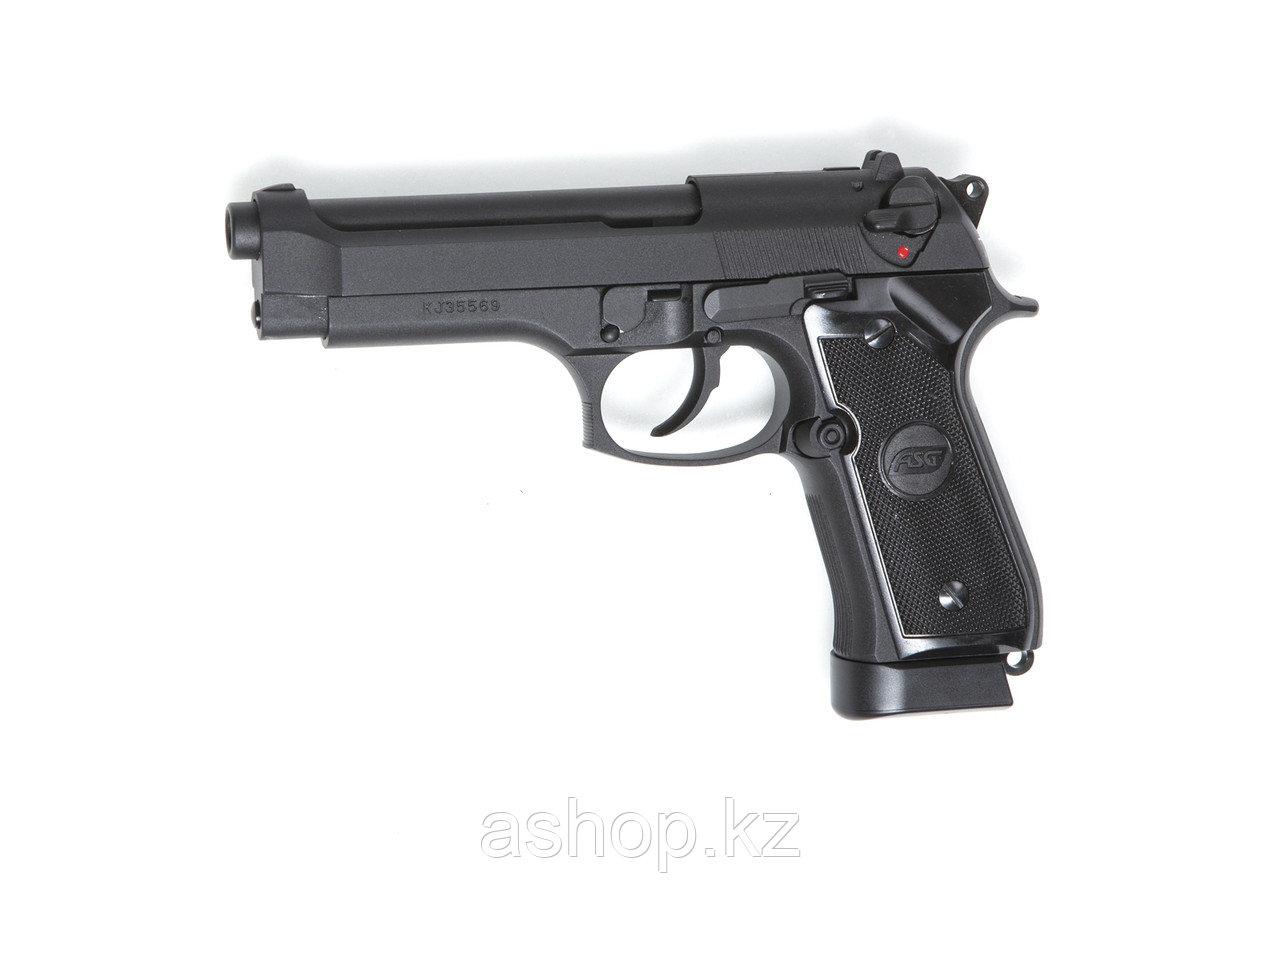 Пистолет пневматический ASG X9, Калибр: 4,5 мм (.177, BB), Дульная энергия: 1,6 Дж, Ёмкость магазина (барабана